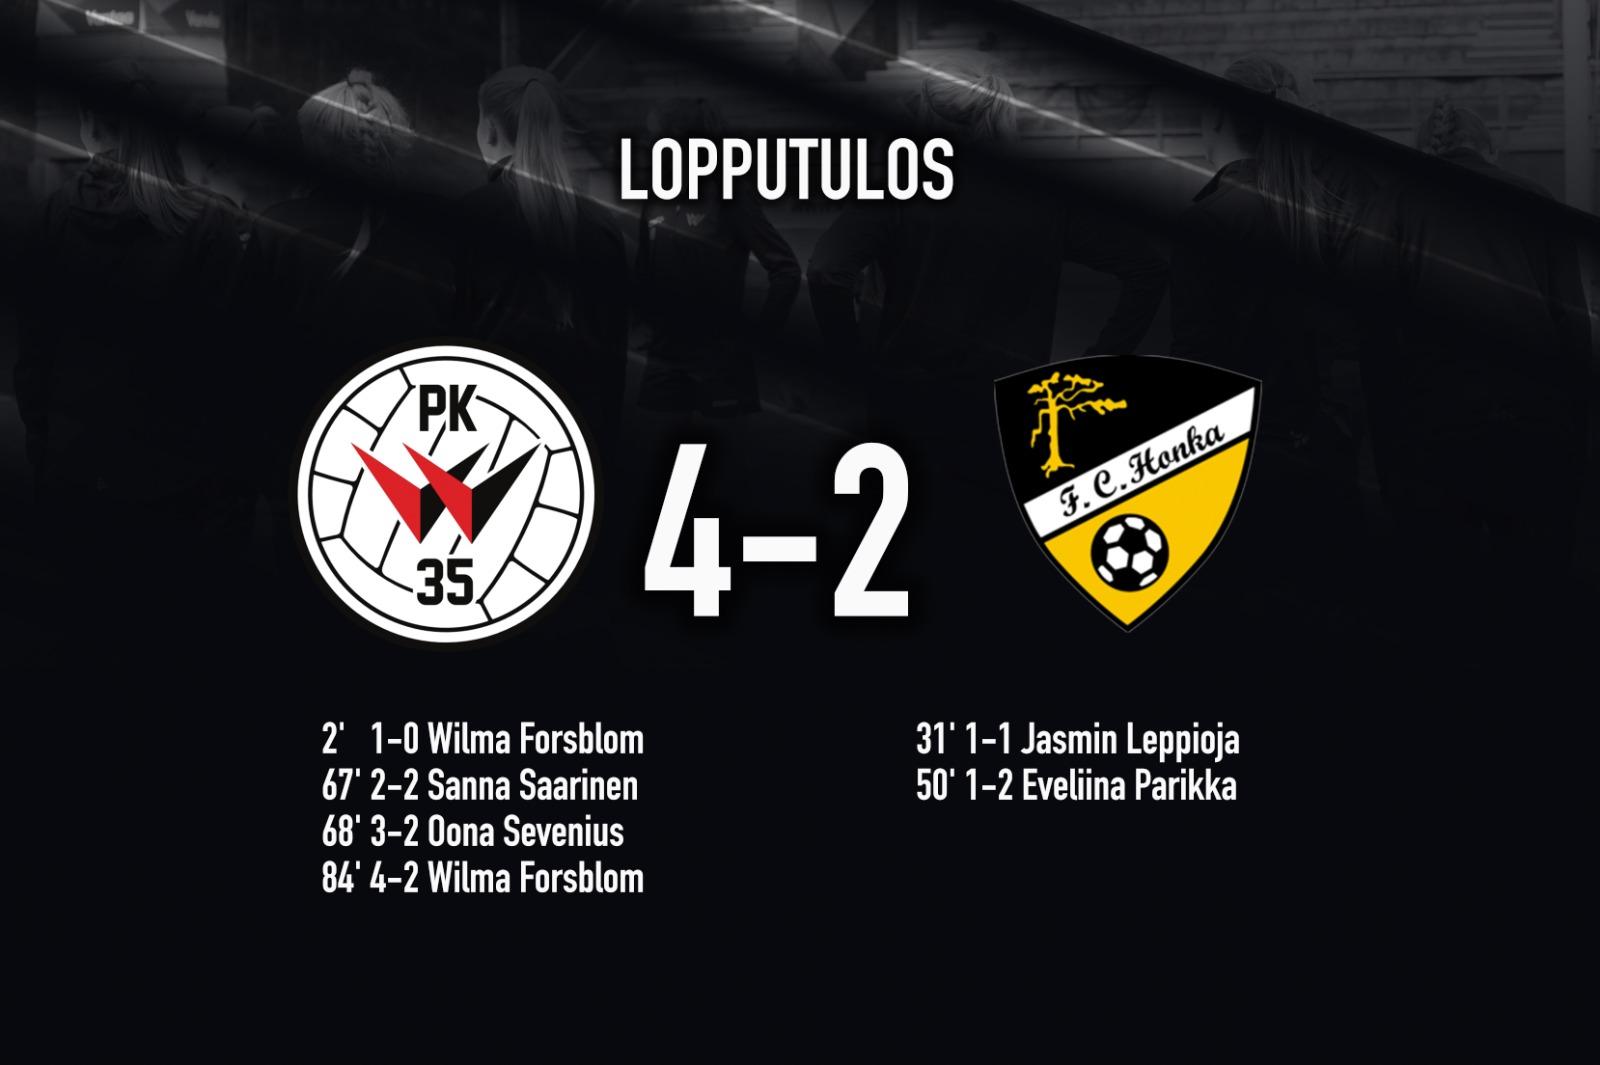 PK 35 Vantaa – FC Honka 4 2, Kansallinen Liiga 9.10.2021